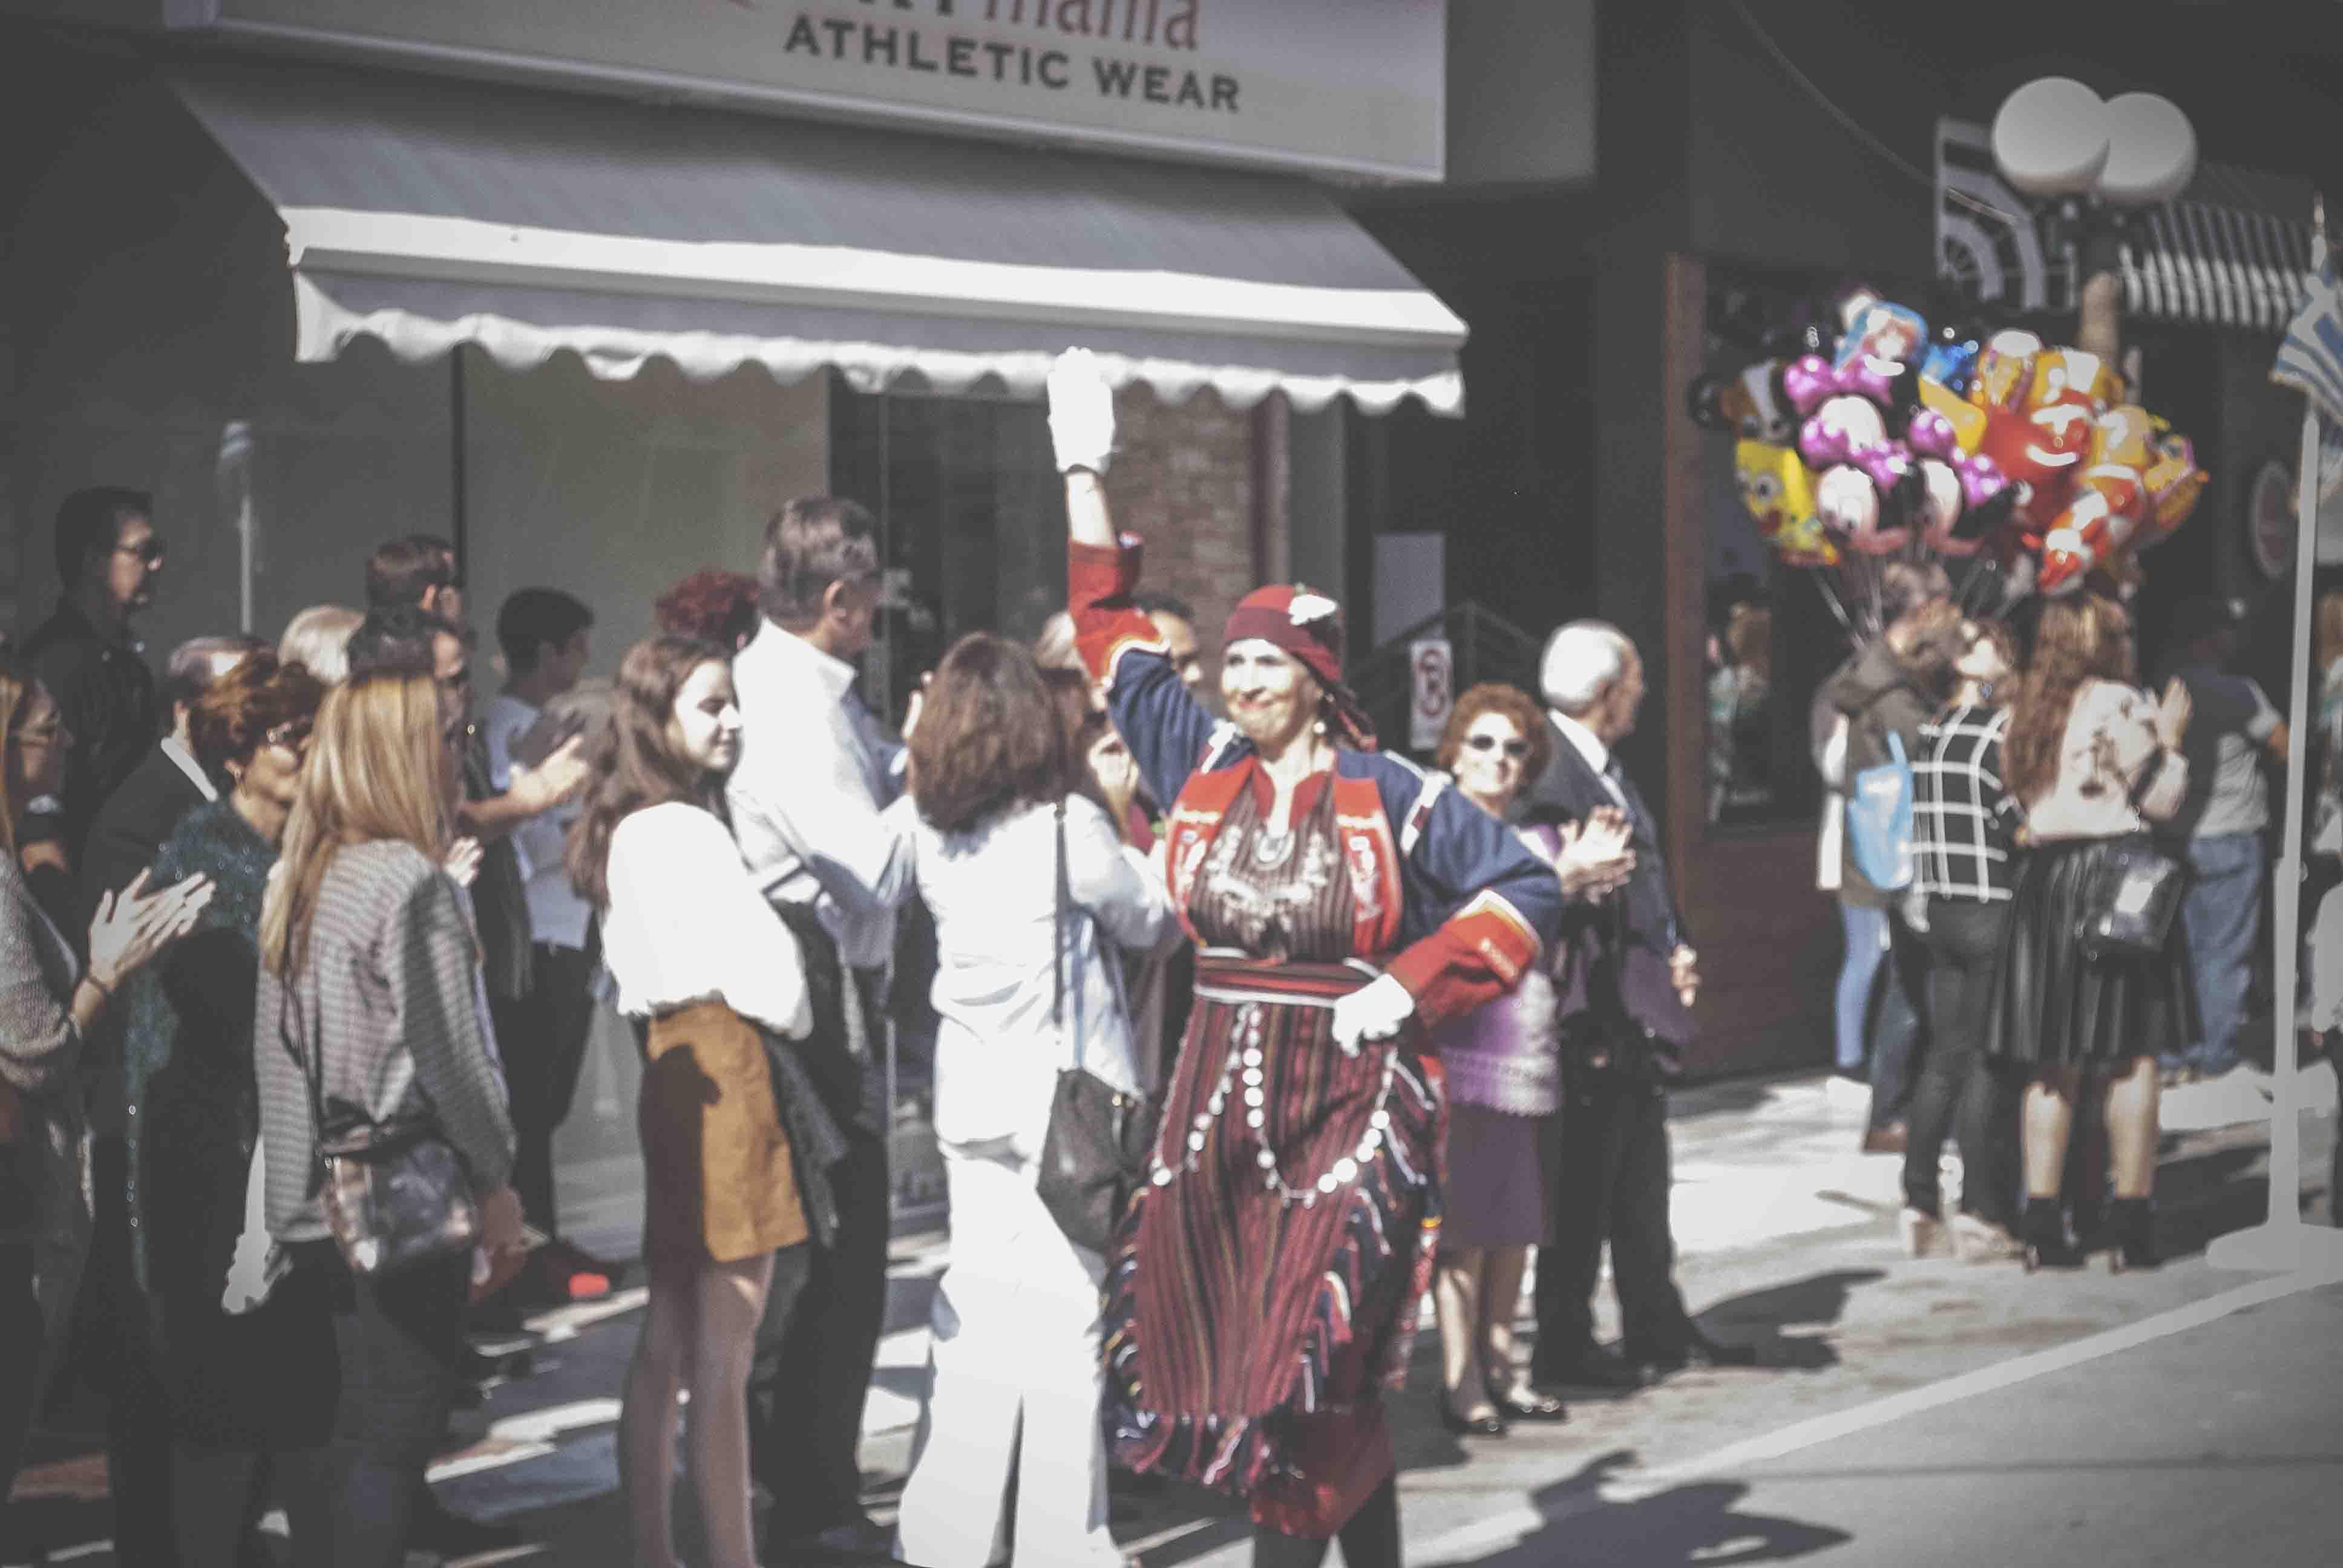 Η παρέλαση της 28ης Οκτωβρίου σε Καστέλλα και Ψαχνά (φωτό) DSC 0329